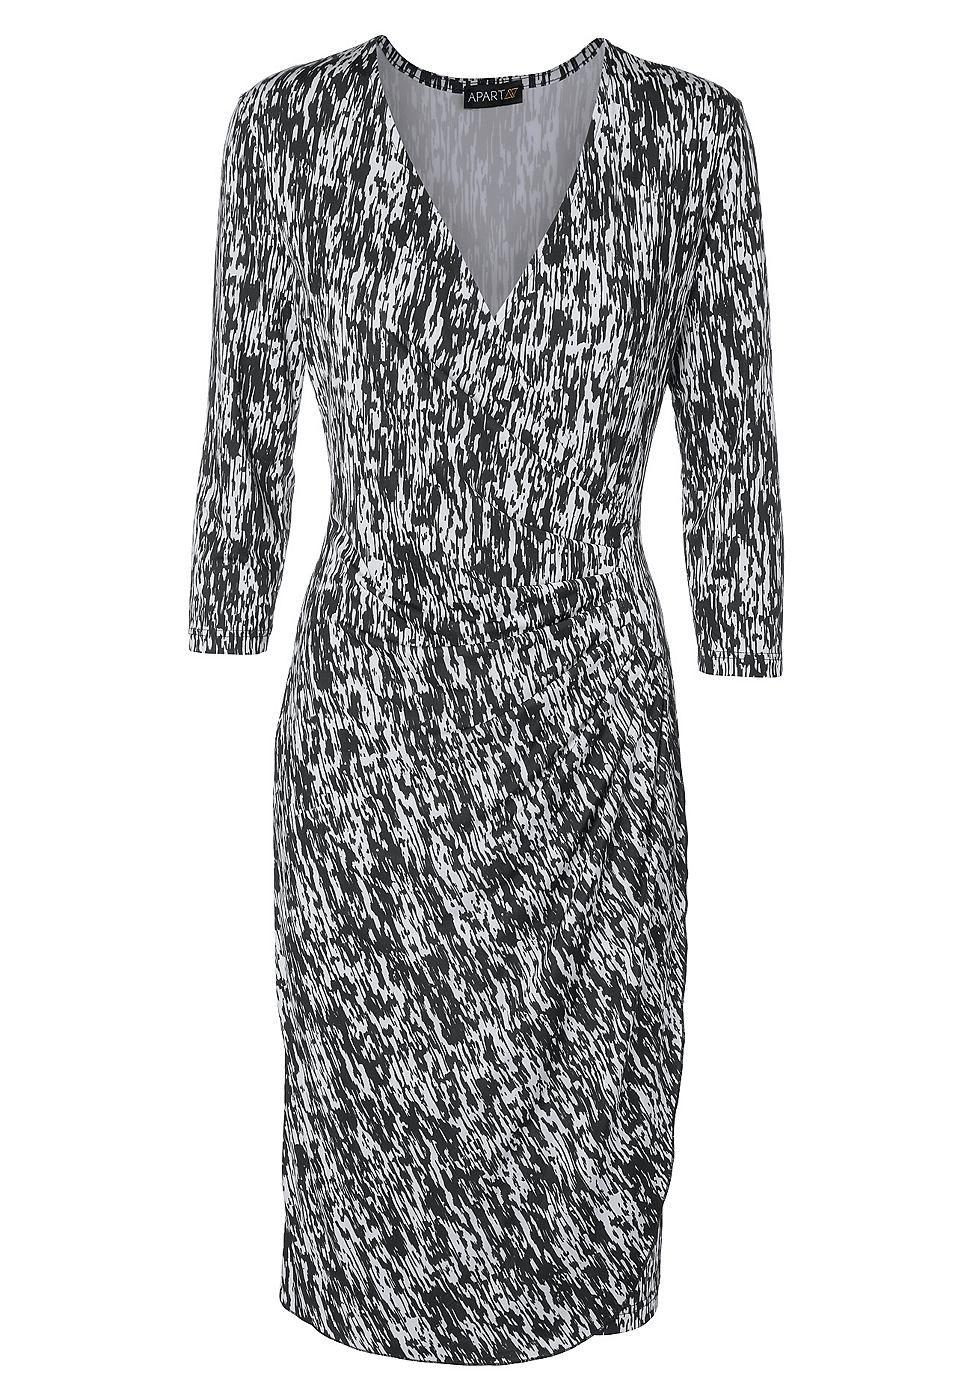 apart jerseykleid online kaufen | otto | kleider, wolle